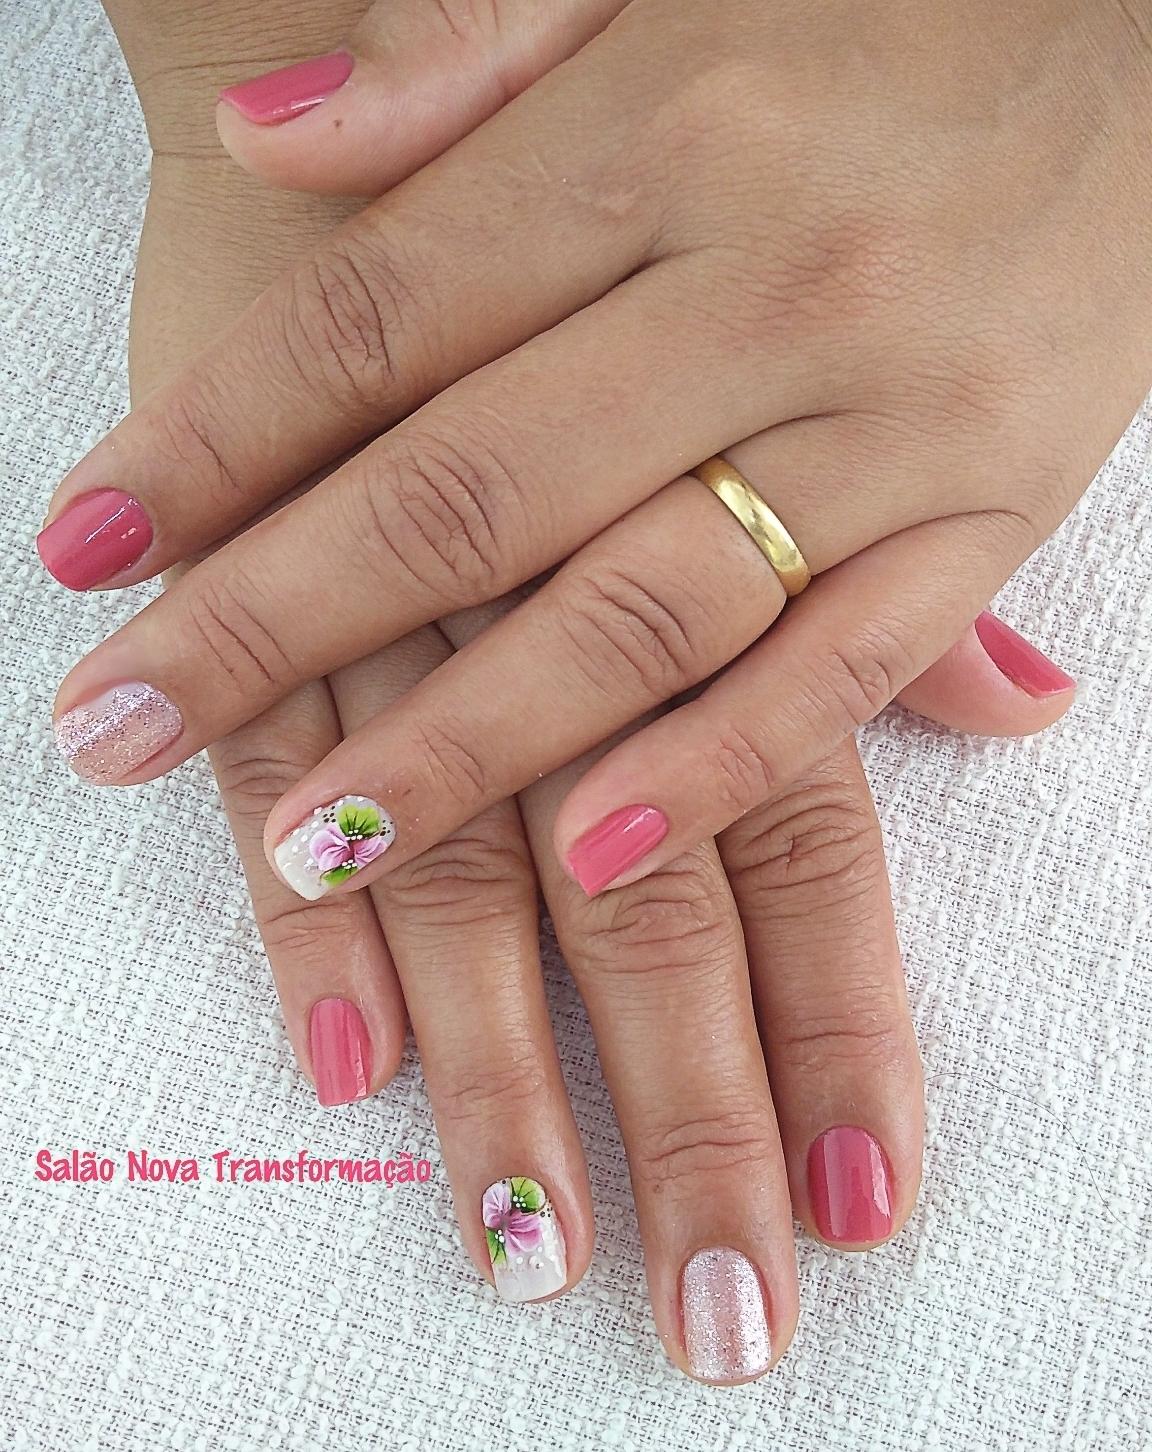 Unhas decoradas unha cabeleireiro(a) manicure e pedicure designer de sobrancelhas maquiador(a)